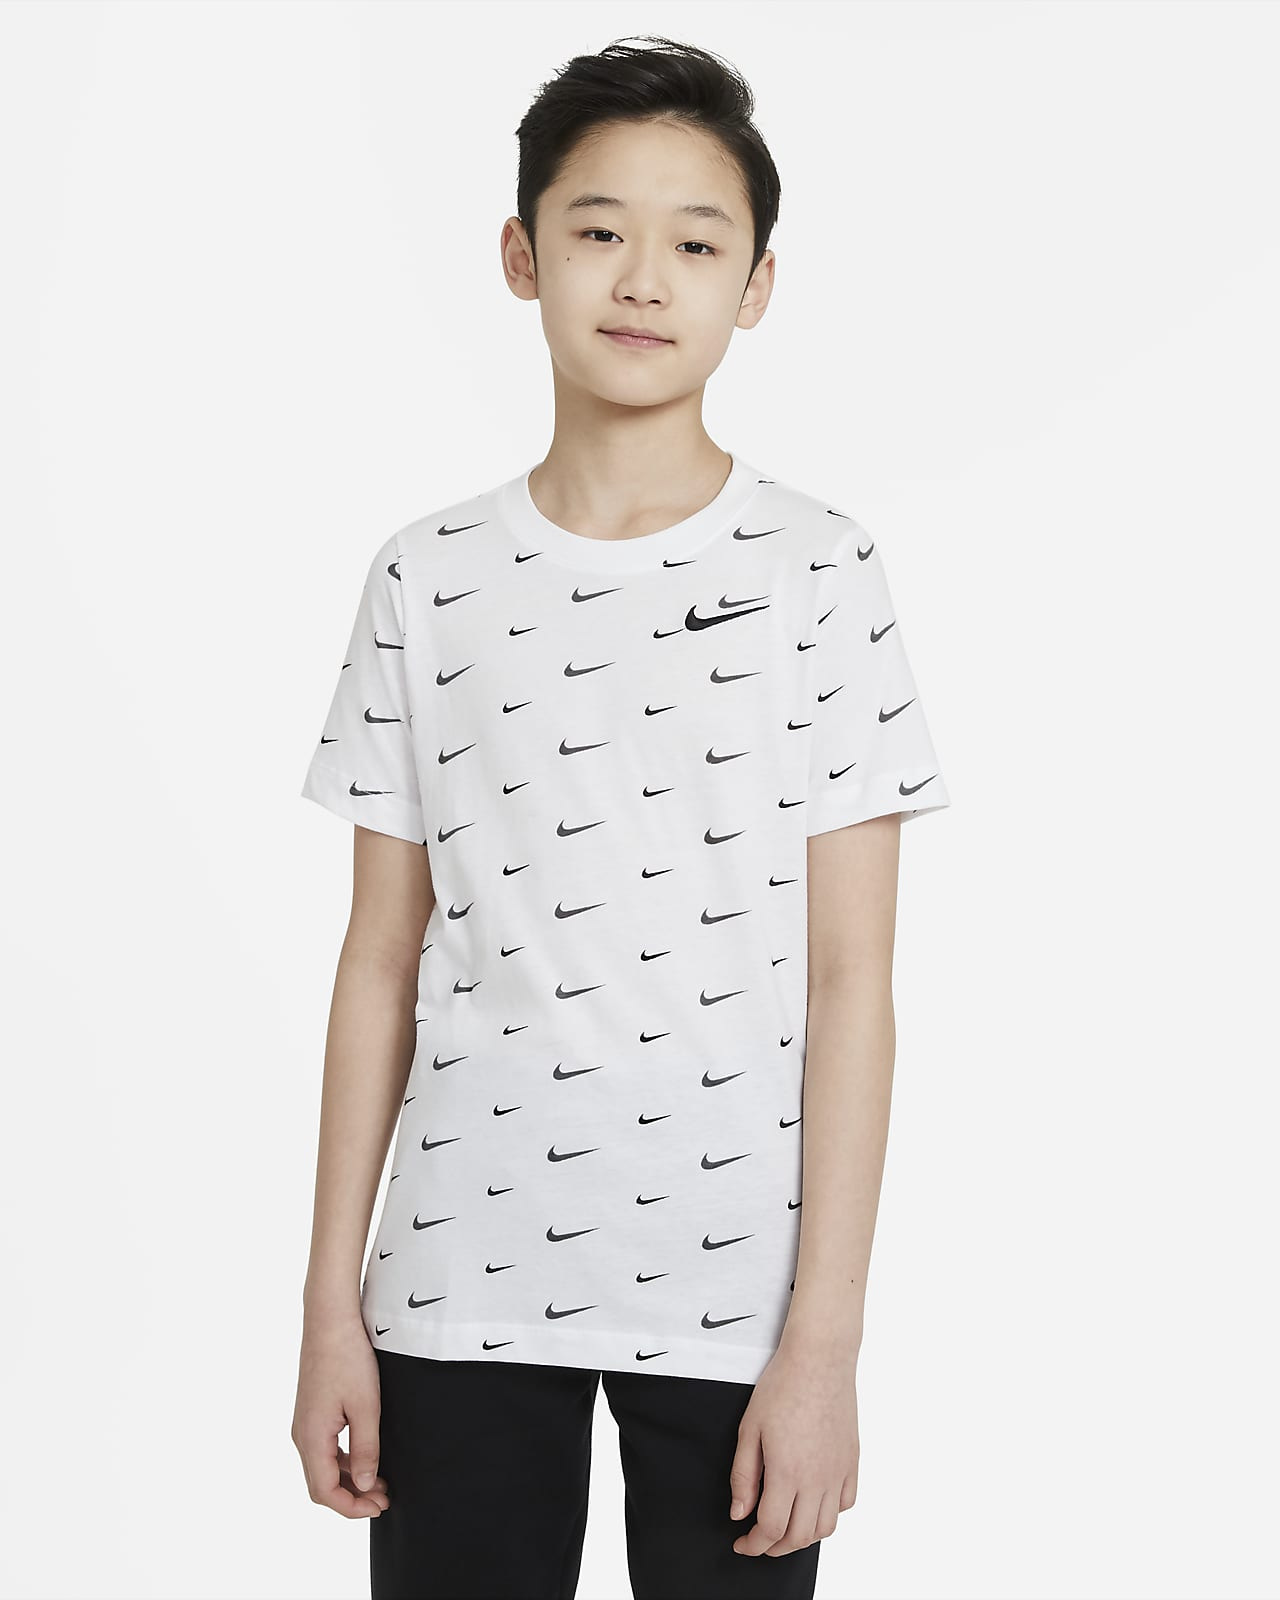 Футболка для мальчиков школьного возраста Nike Sportswear